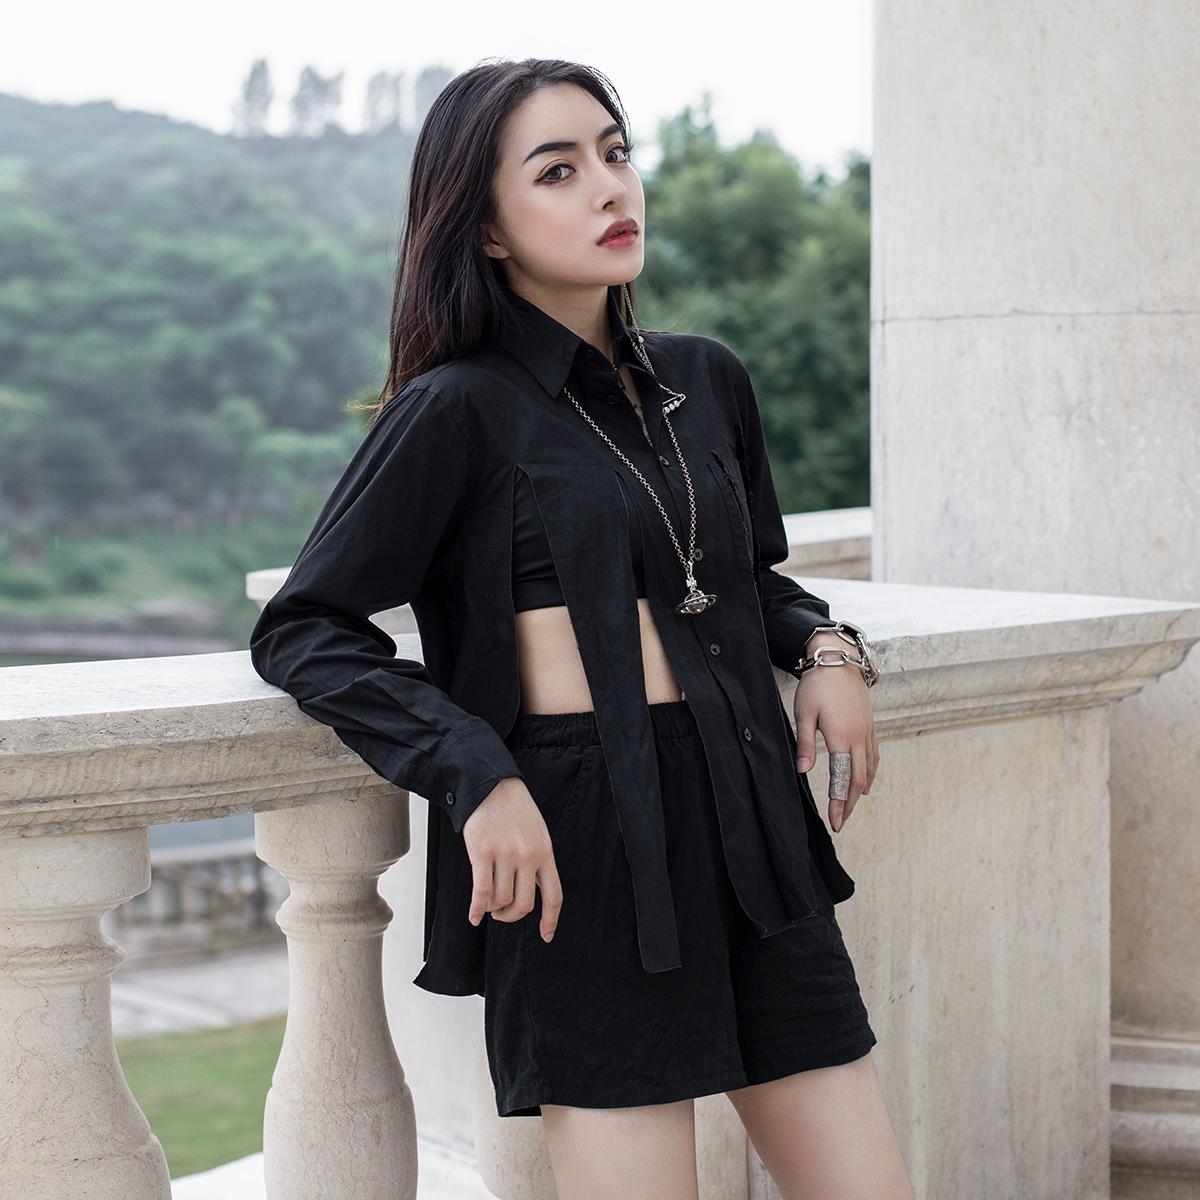 休闲长袖衬衫 SIMPLE BLACK 2021春夏暗黑风个性破条镂空长袖休闲衬衫女_推荐淘宝好看的女休闲长袖衬衫